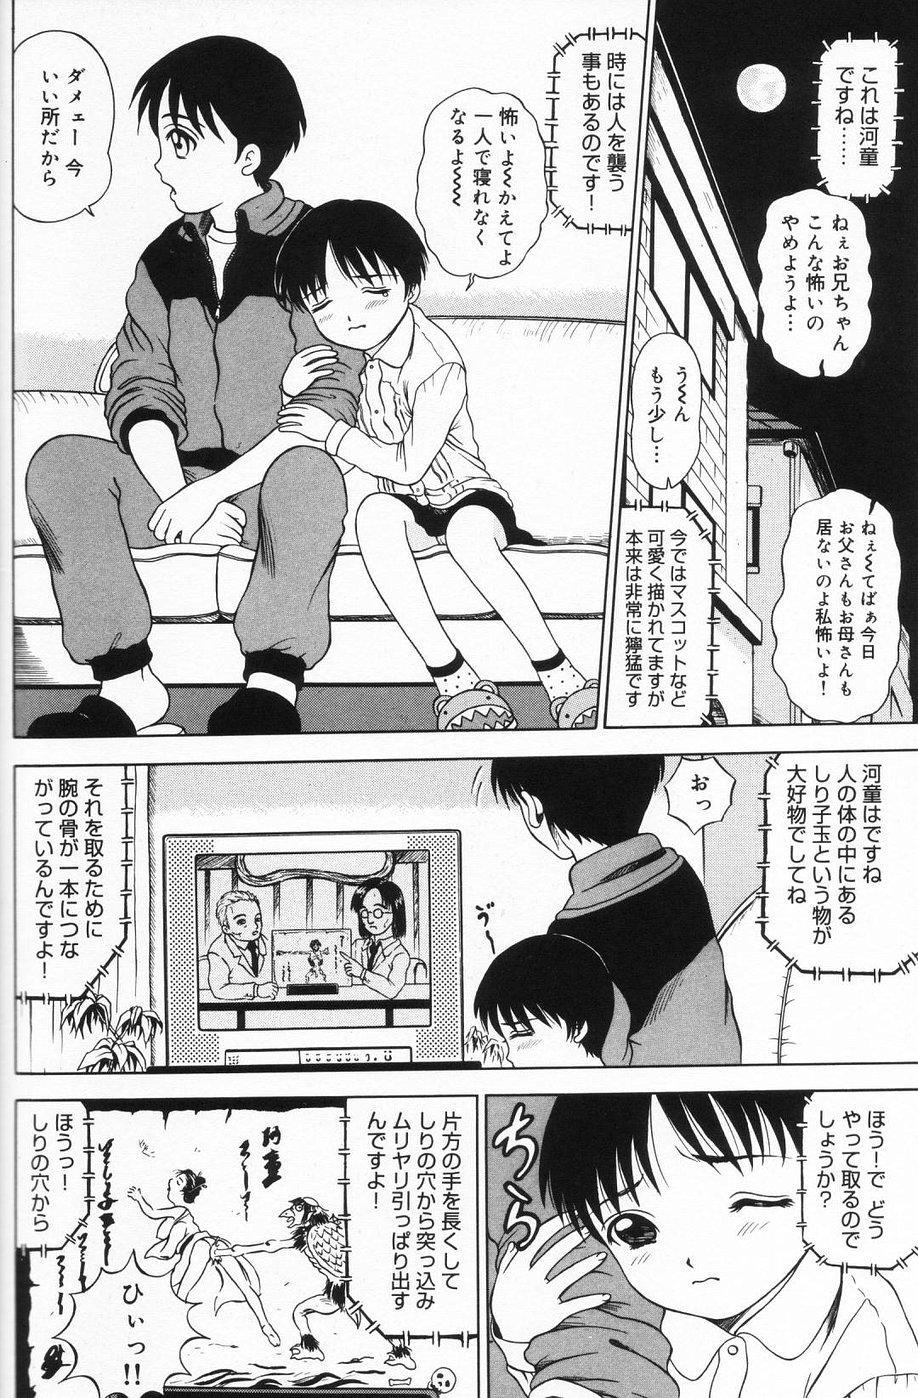 Onnanoko no Yorimichi 100